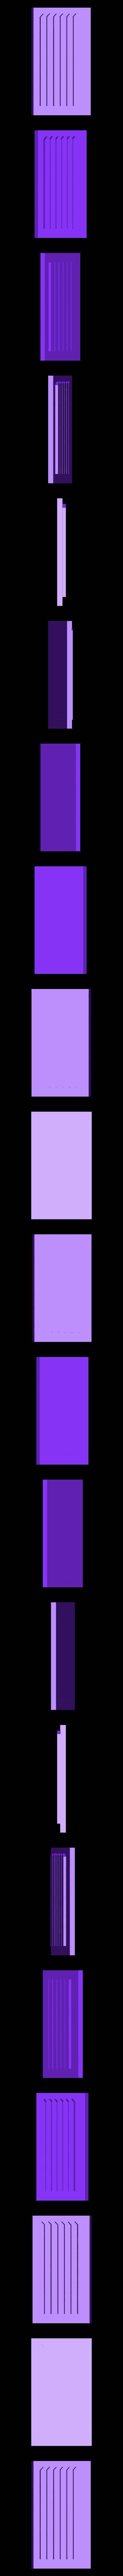 t_terr_door2b_1.stl Télécharger fichier STL gratuit Ripper's London - Maisons à haute hauteur • Design pour imprimante 3D, Earsling